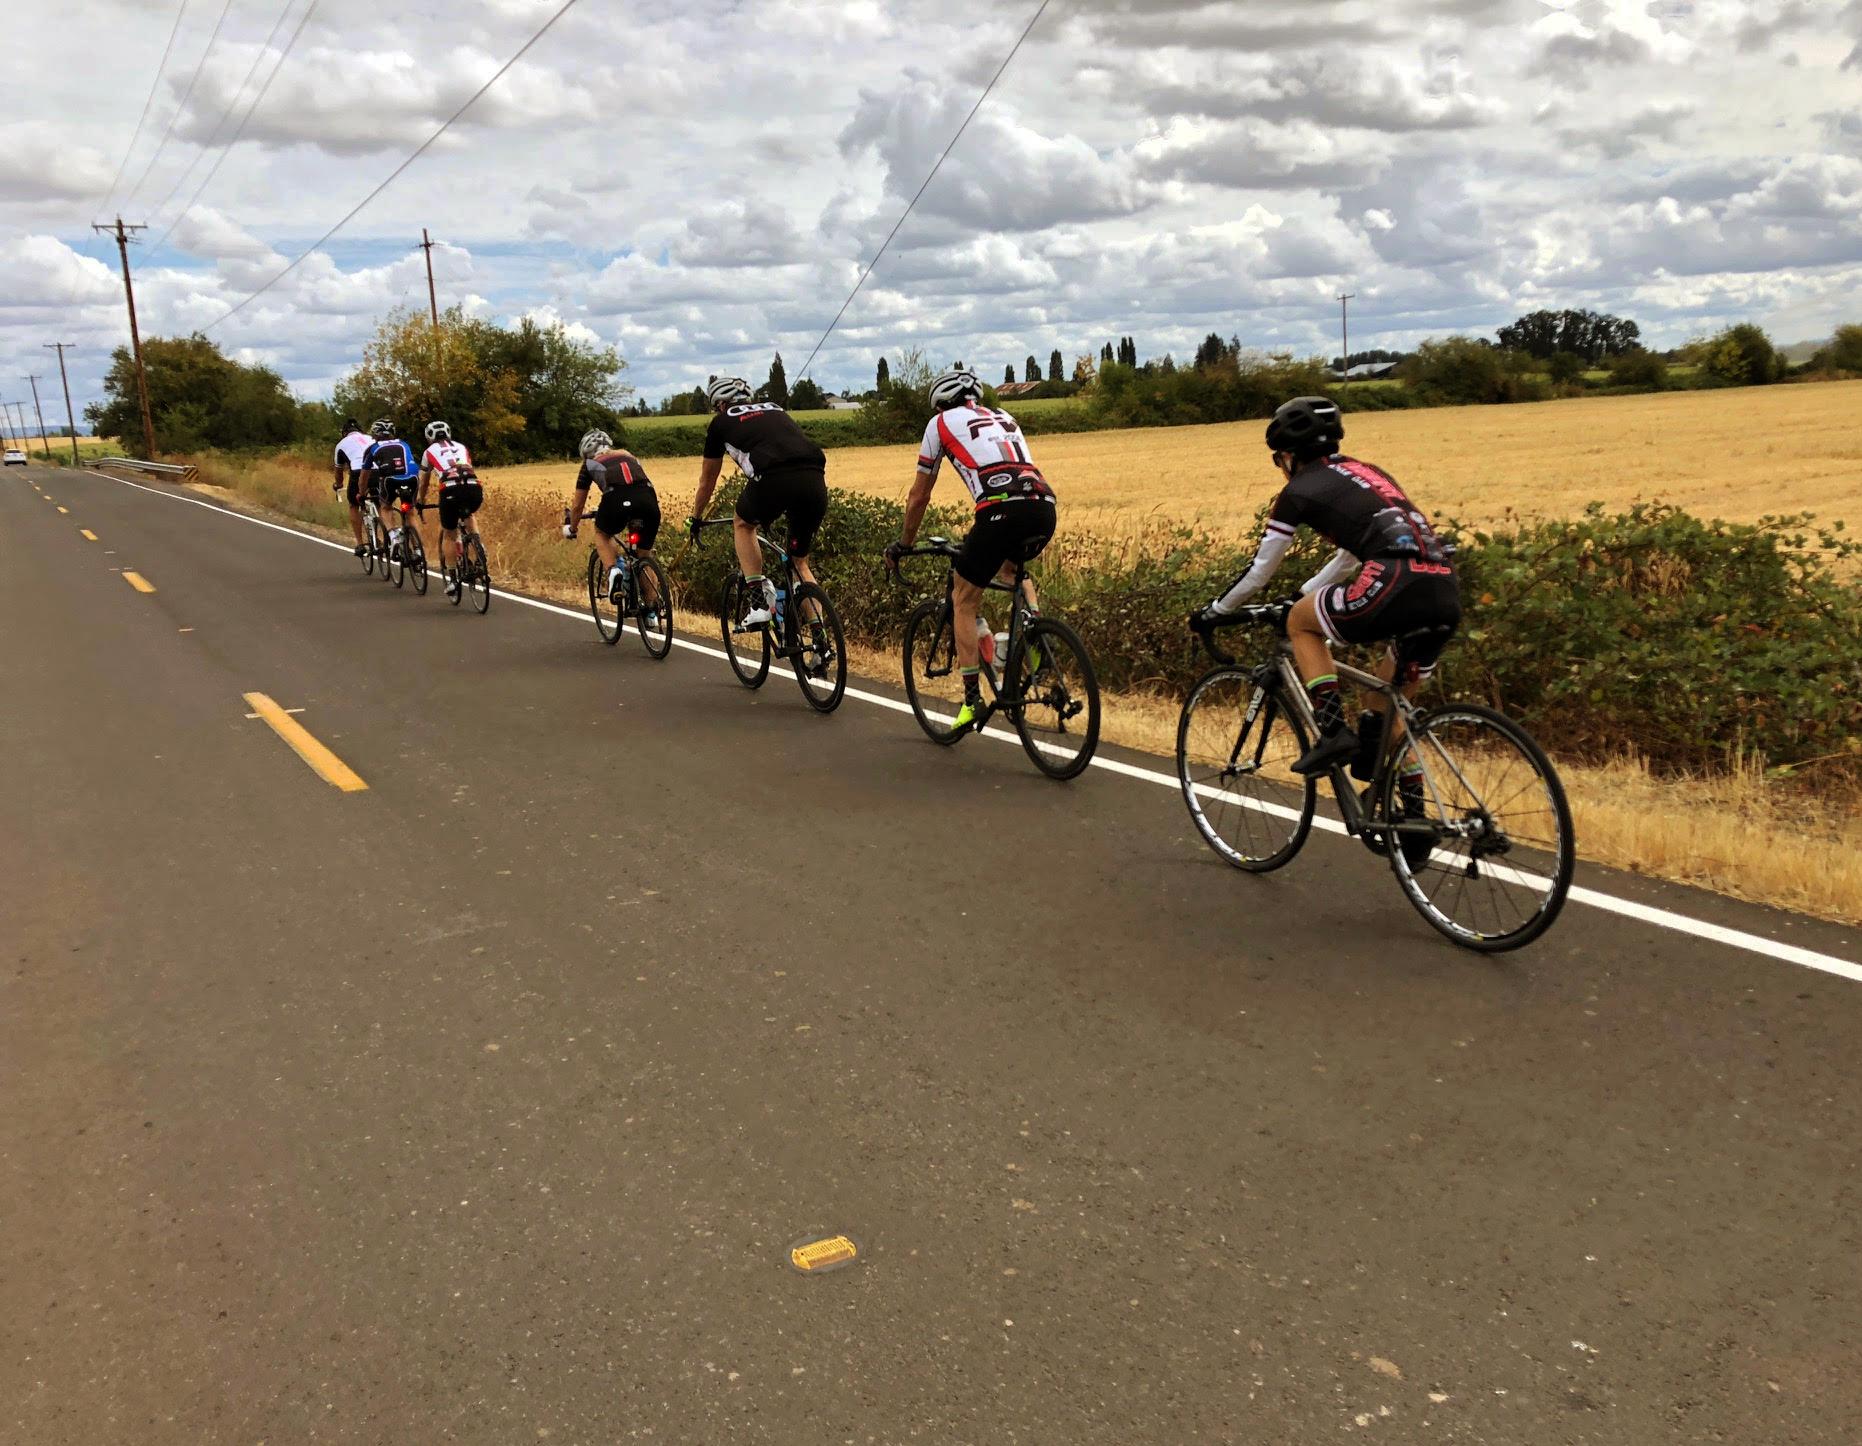 kim cycling in oregon, 2018